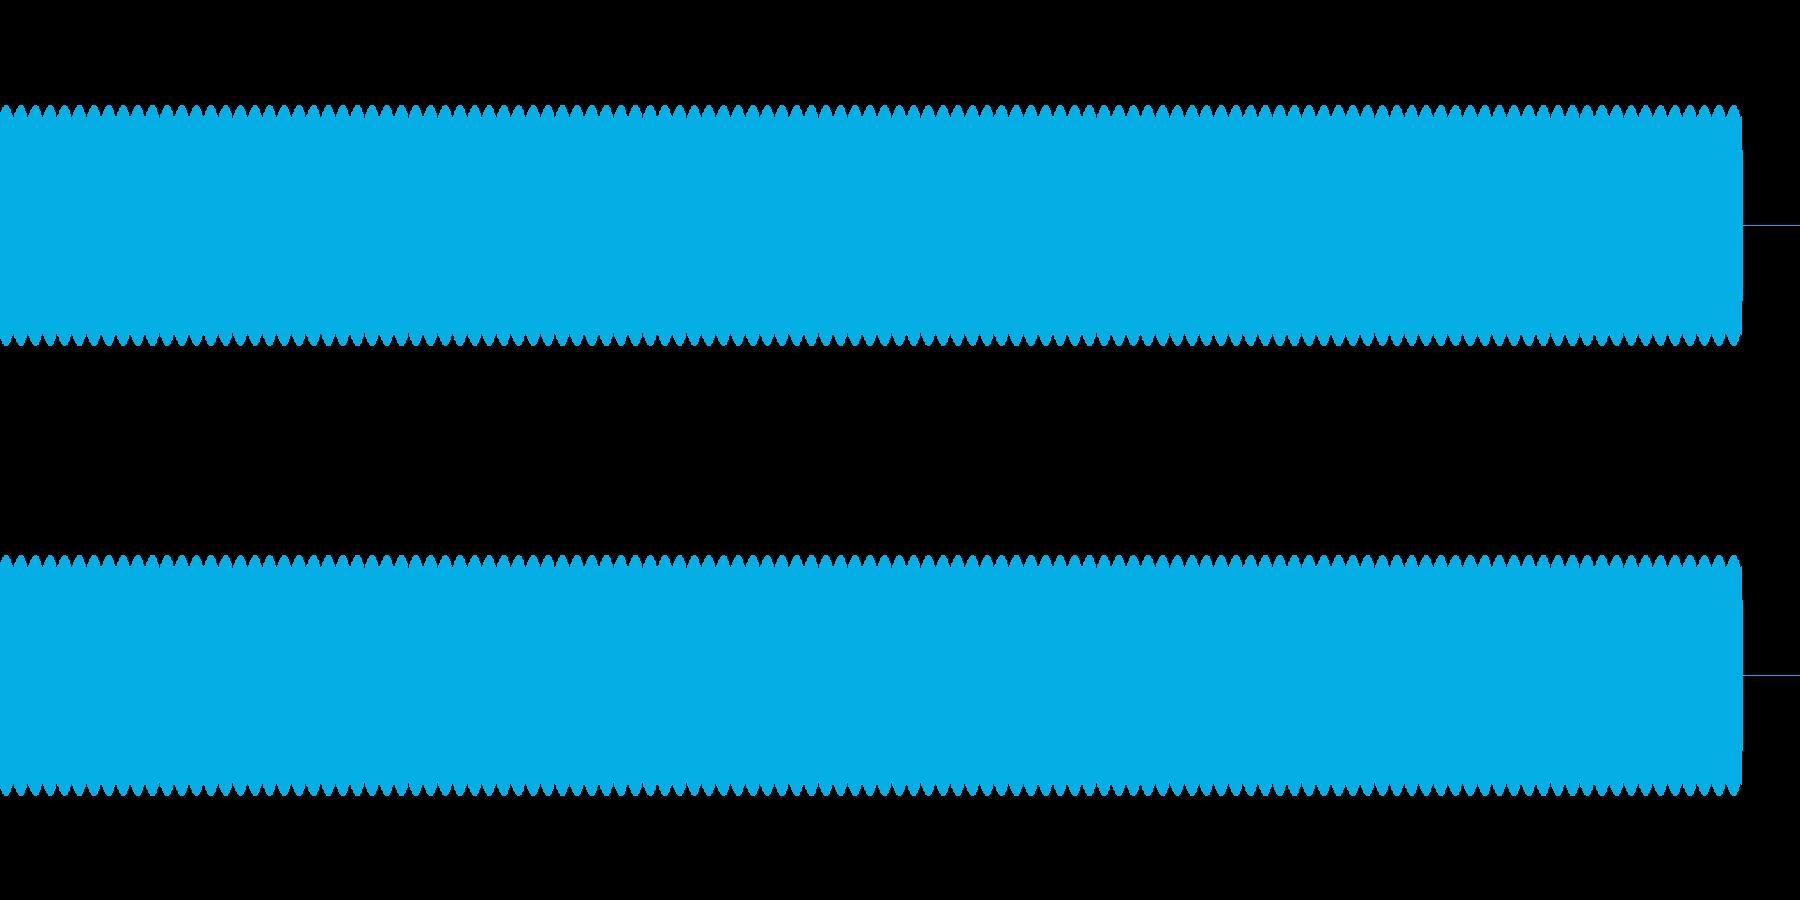 ブーーーー Beep音 エラー音の再生済みの波形